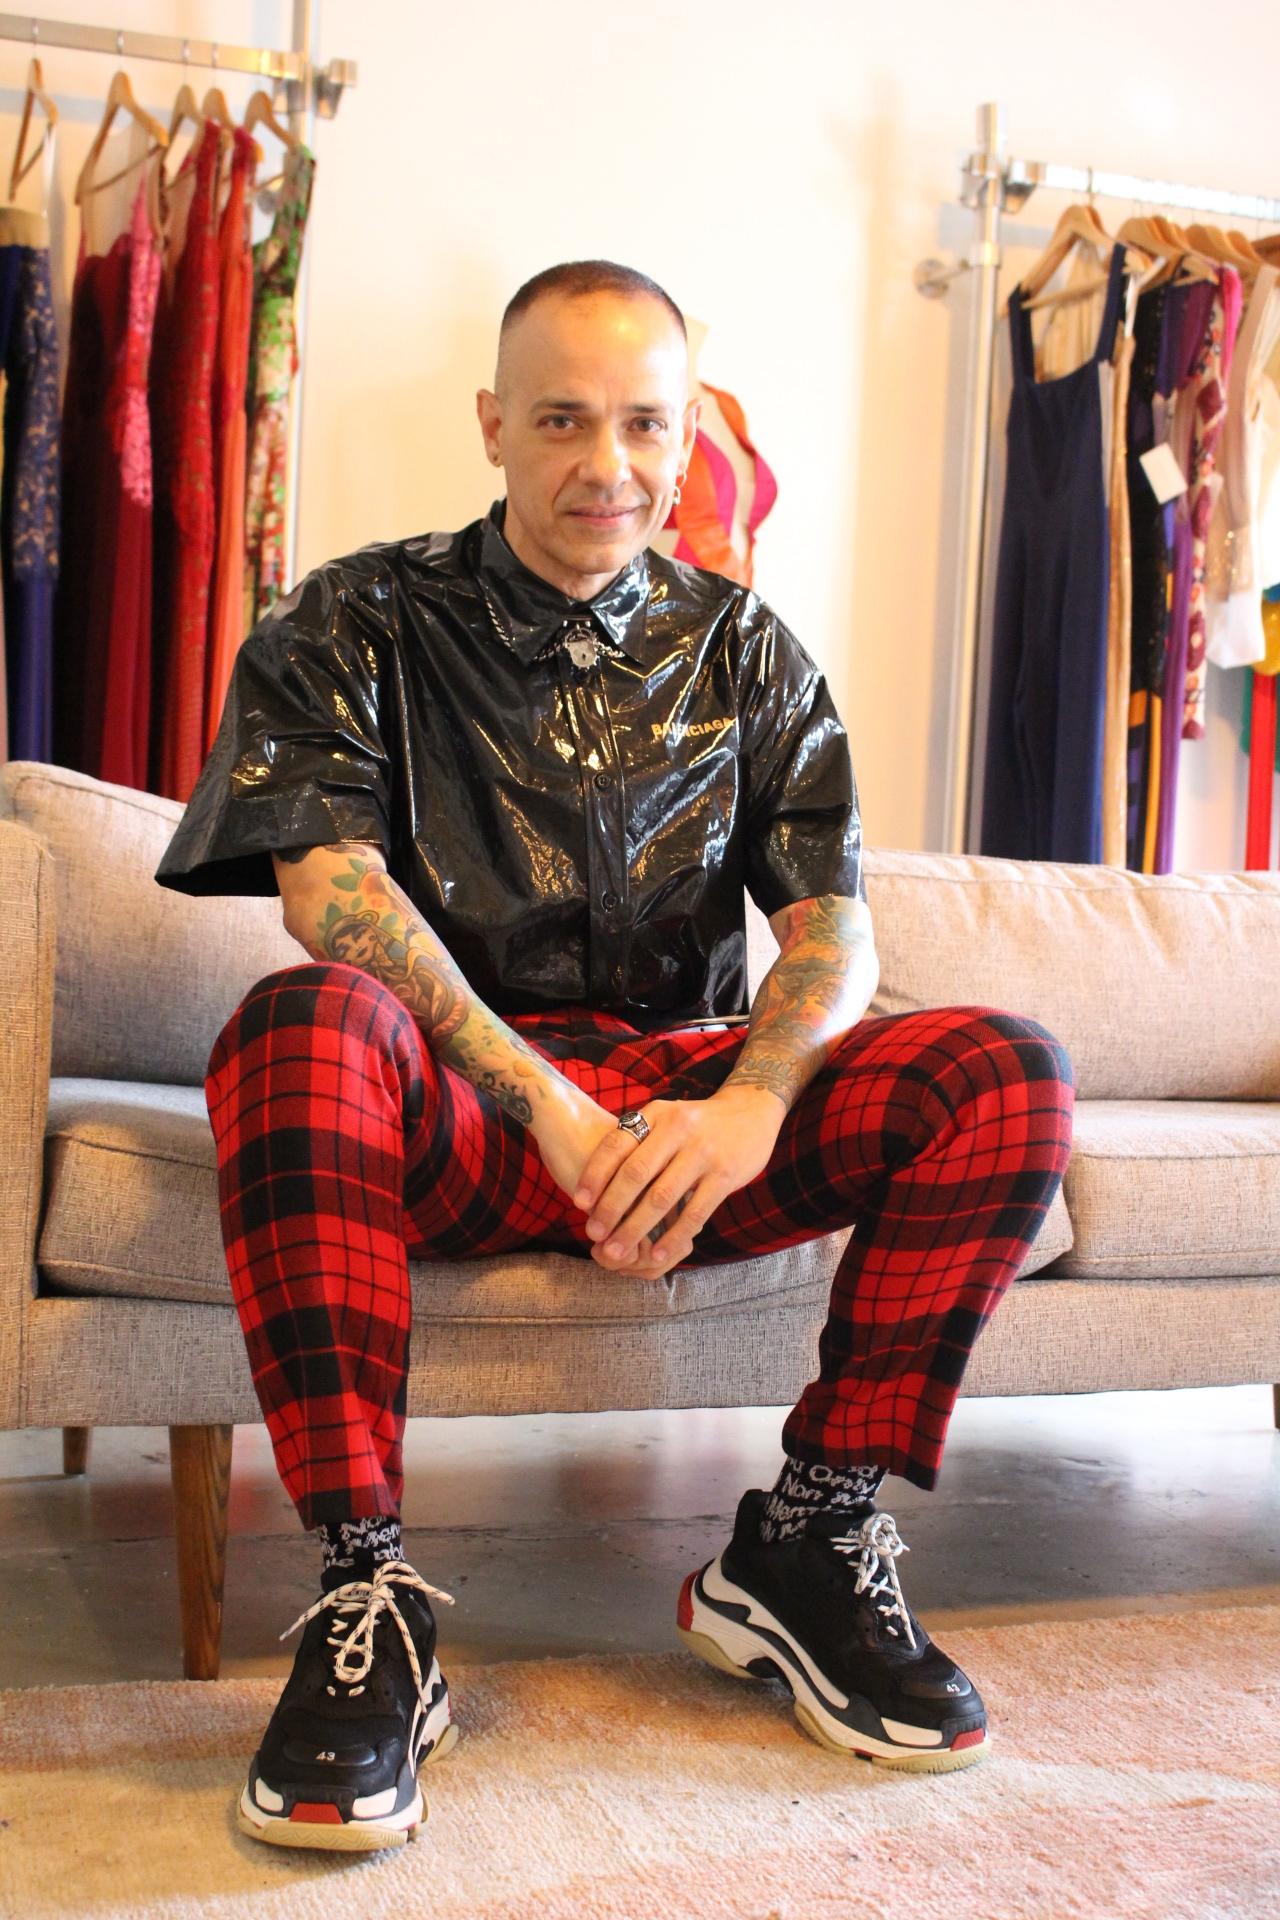 Camisa: Balenciaga, pantalón: Gucci, collar: Alexander McQueen, Calzado: Balenciaga, Sortija: Vintage, Pantalla: Dior.